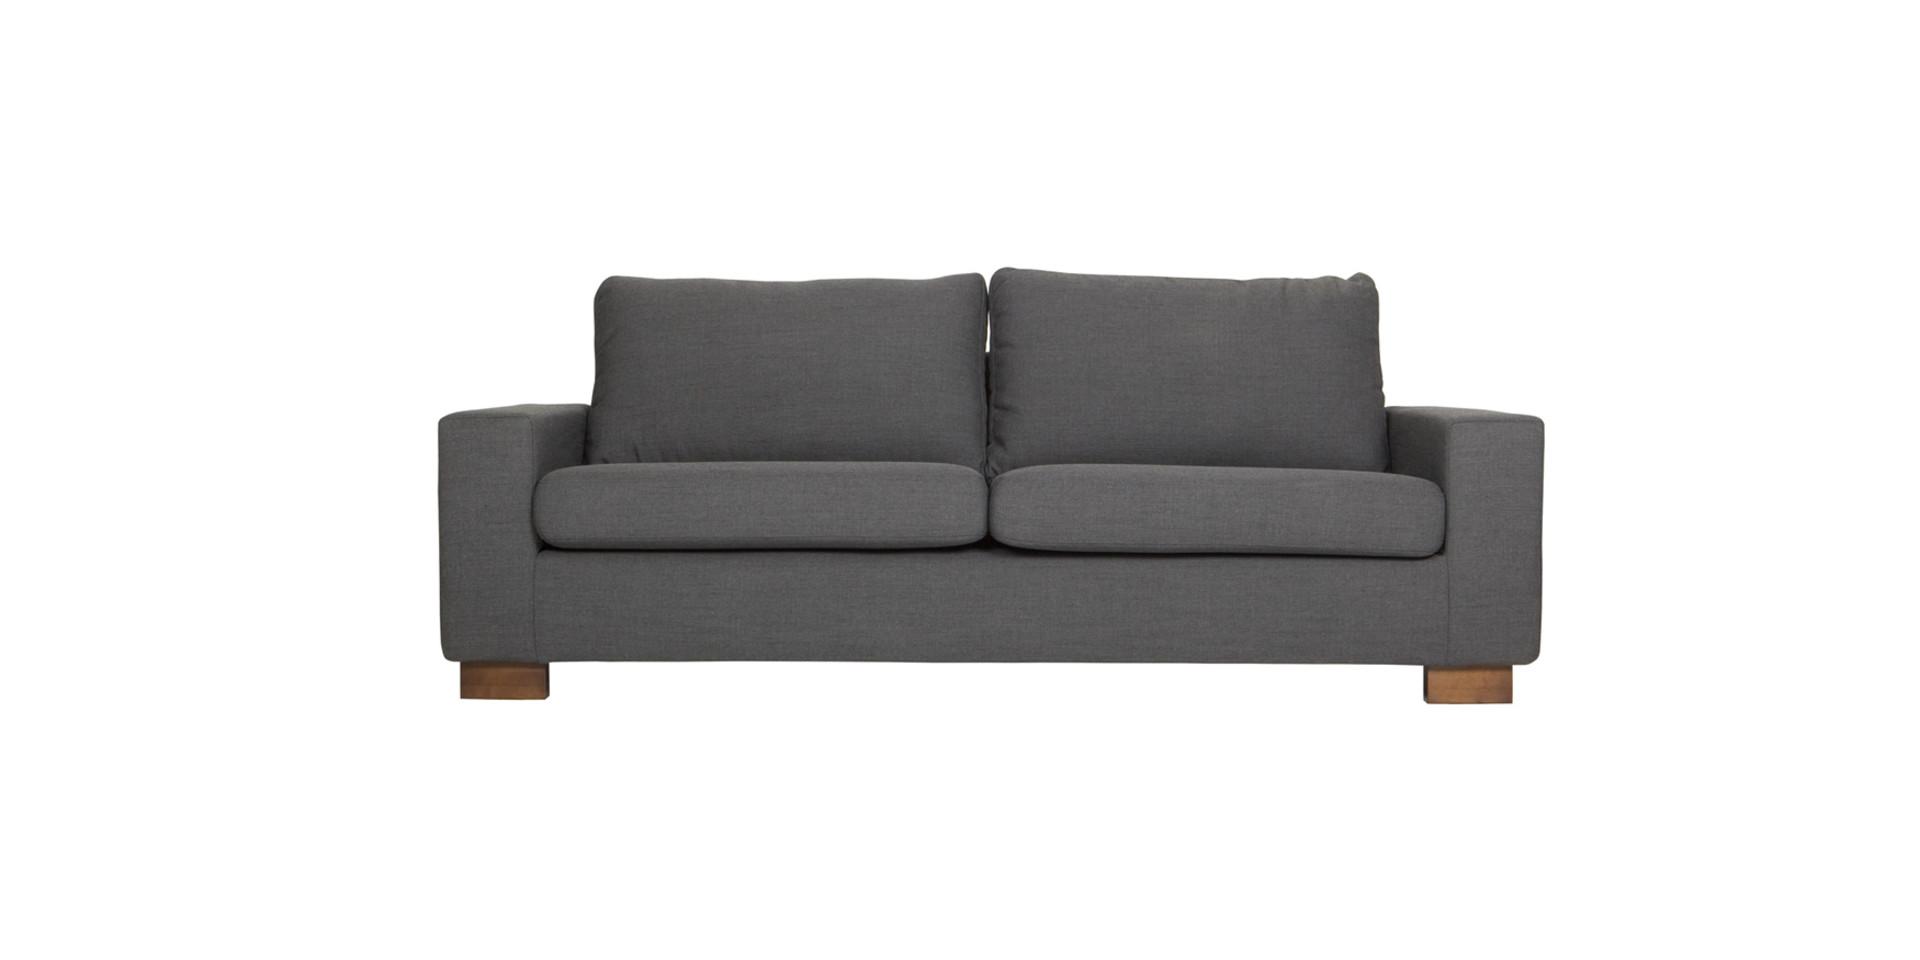 sits-quick-canape-3seater_bonab6b6d-grey_1